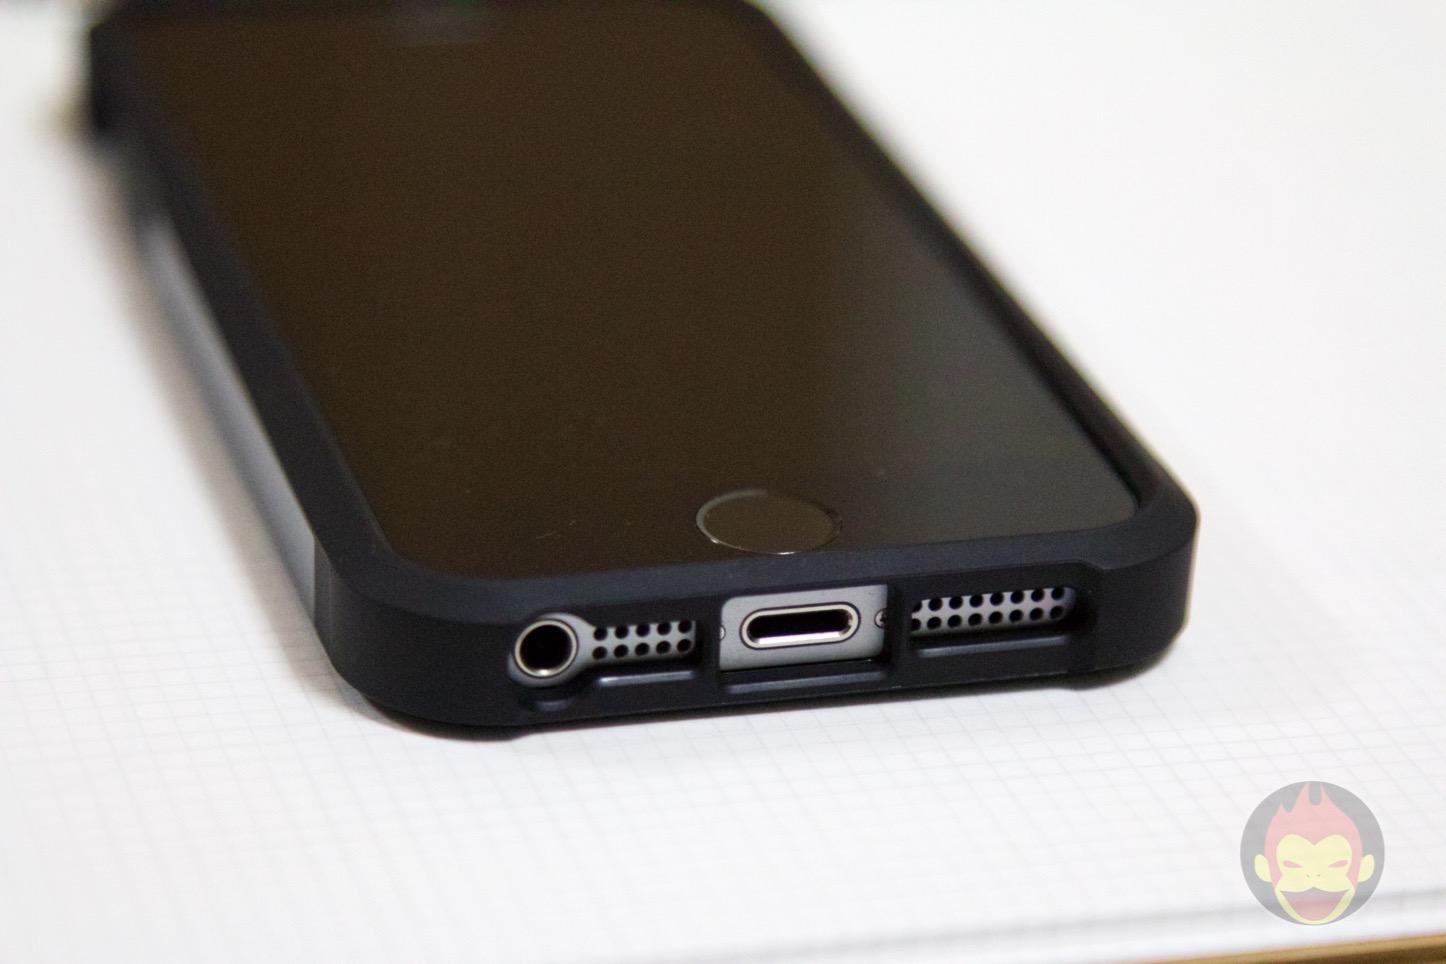 Spigen-Tough-Armor-iPhone-SE-Case-04.jpg